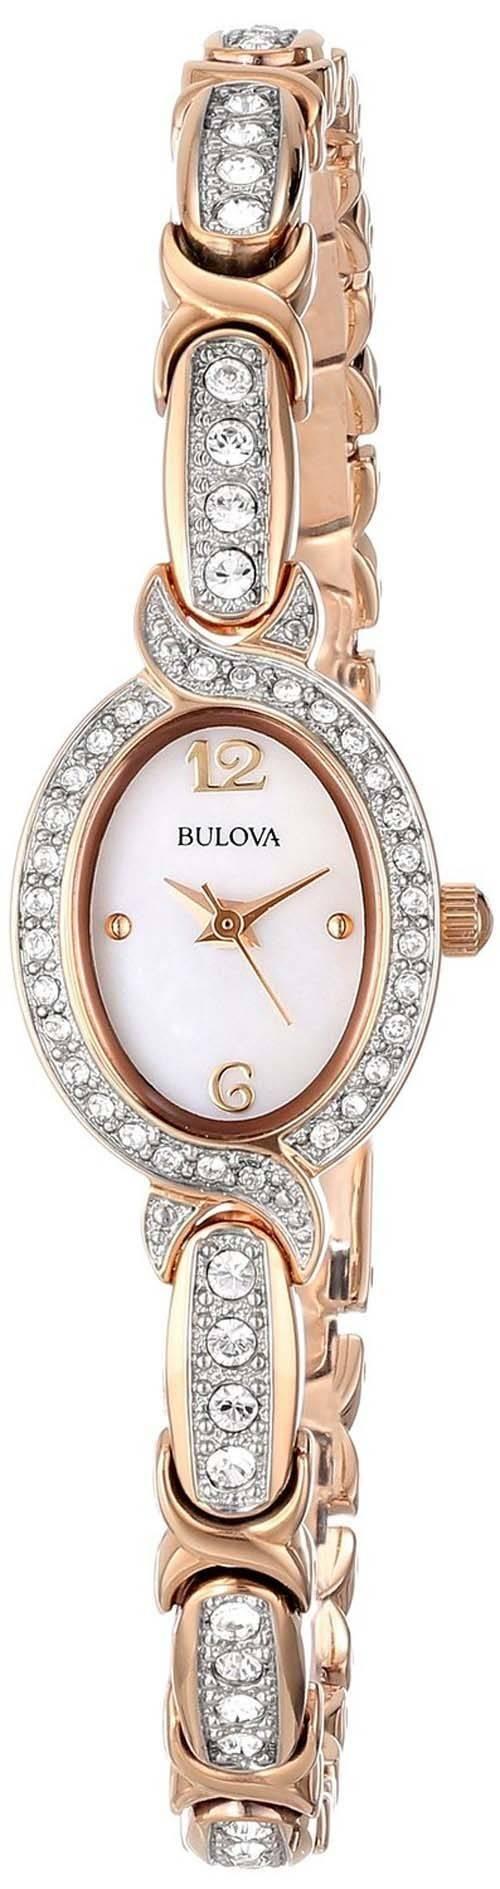 Bulova Stainless Steel Swarovski Crystal 98L200 Womens Watch